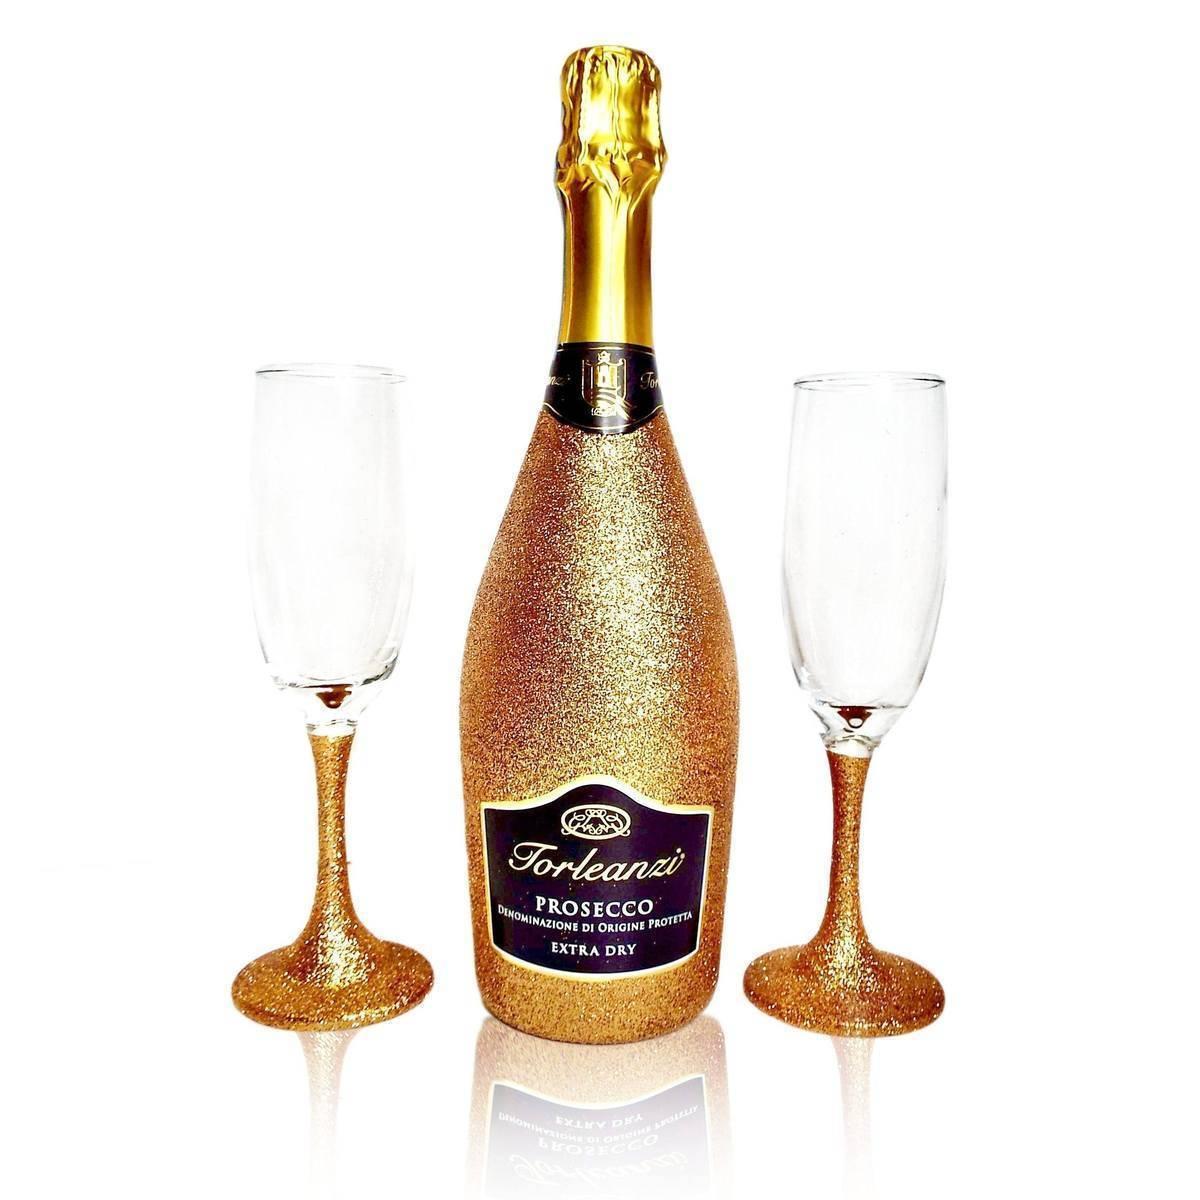 Шампанское aviva: отзывы покупателей ⛳️ алко профи